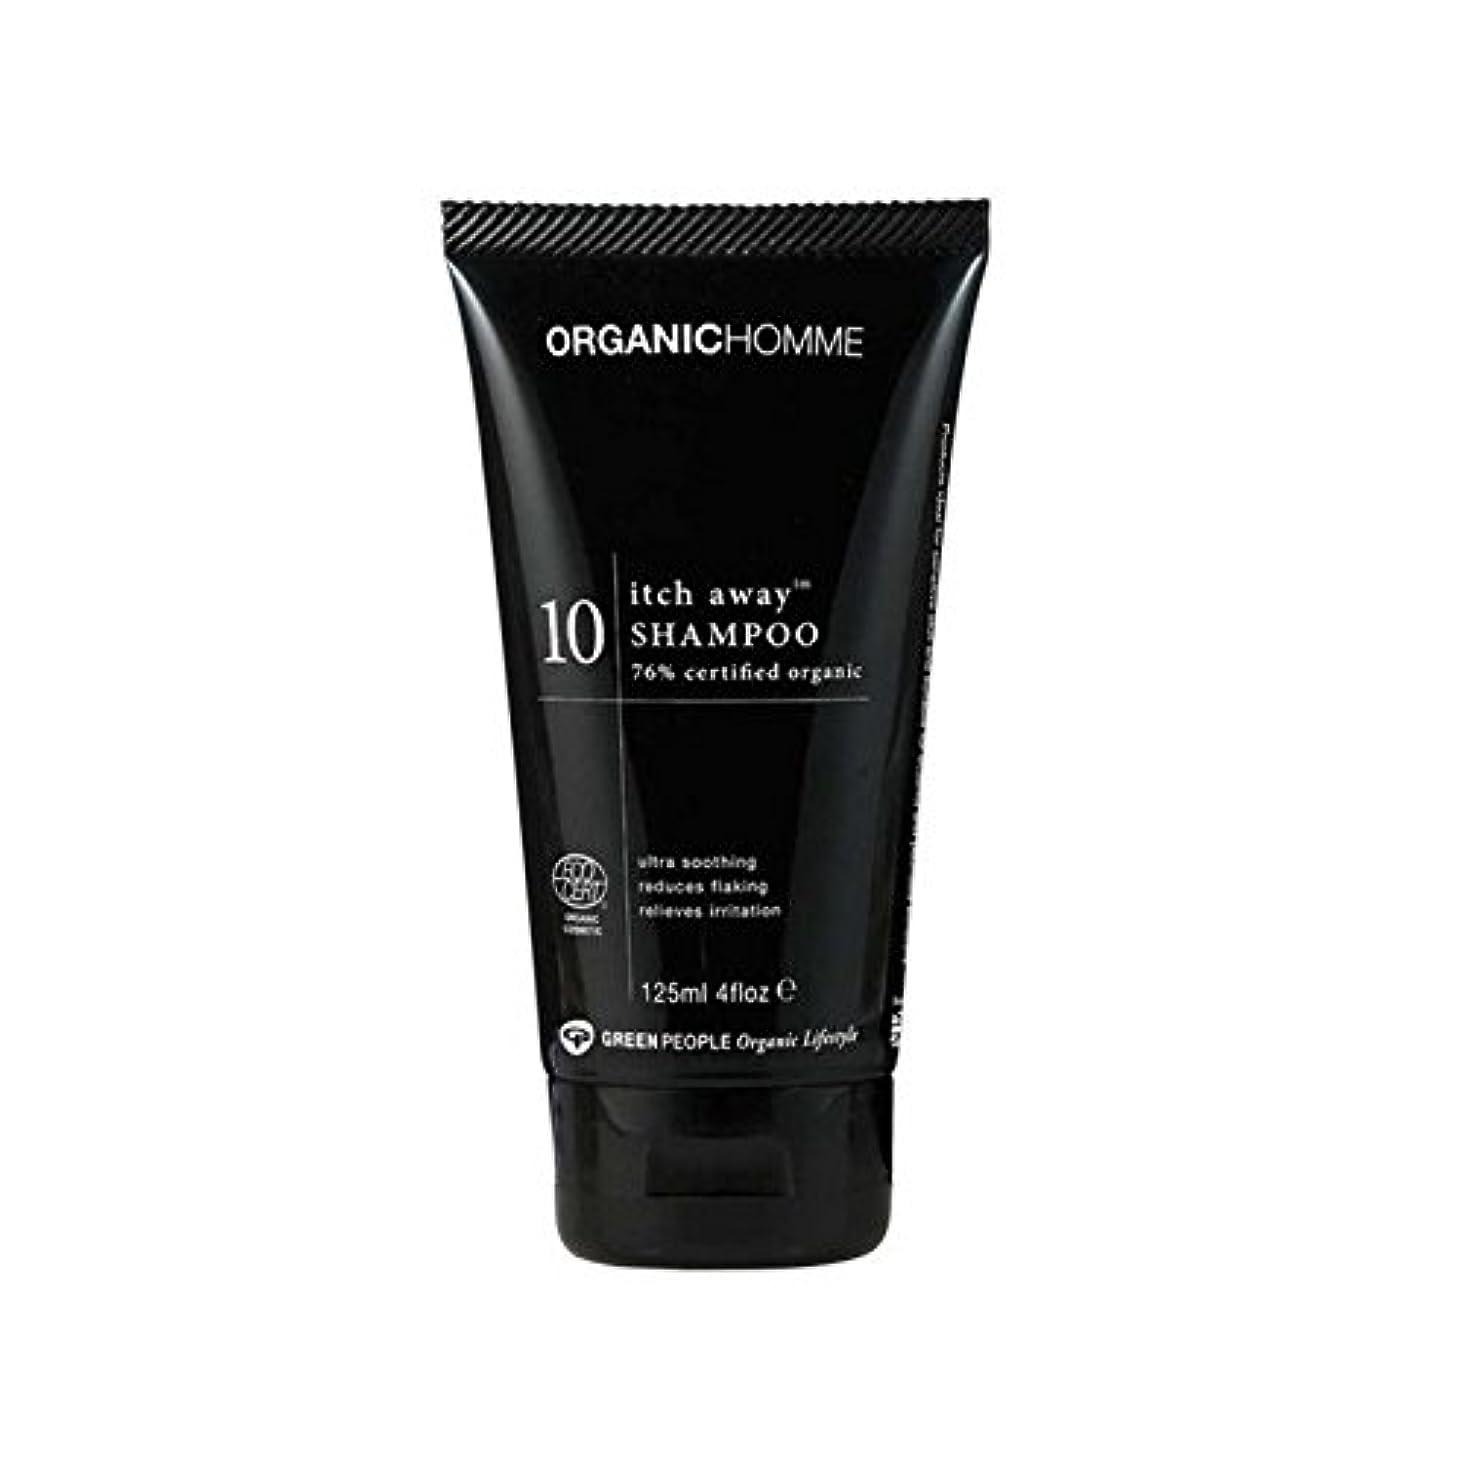 子取り囲む政治的Green People Organic Homme 10 Itch Away Shampoo (125ml) - 緑の人々の有機オム10かゆみ離れシャンプー(125ミリリットル) [並行輸入品]